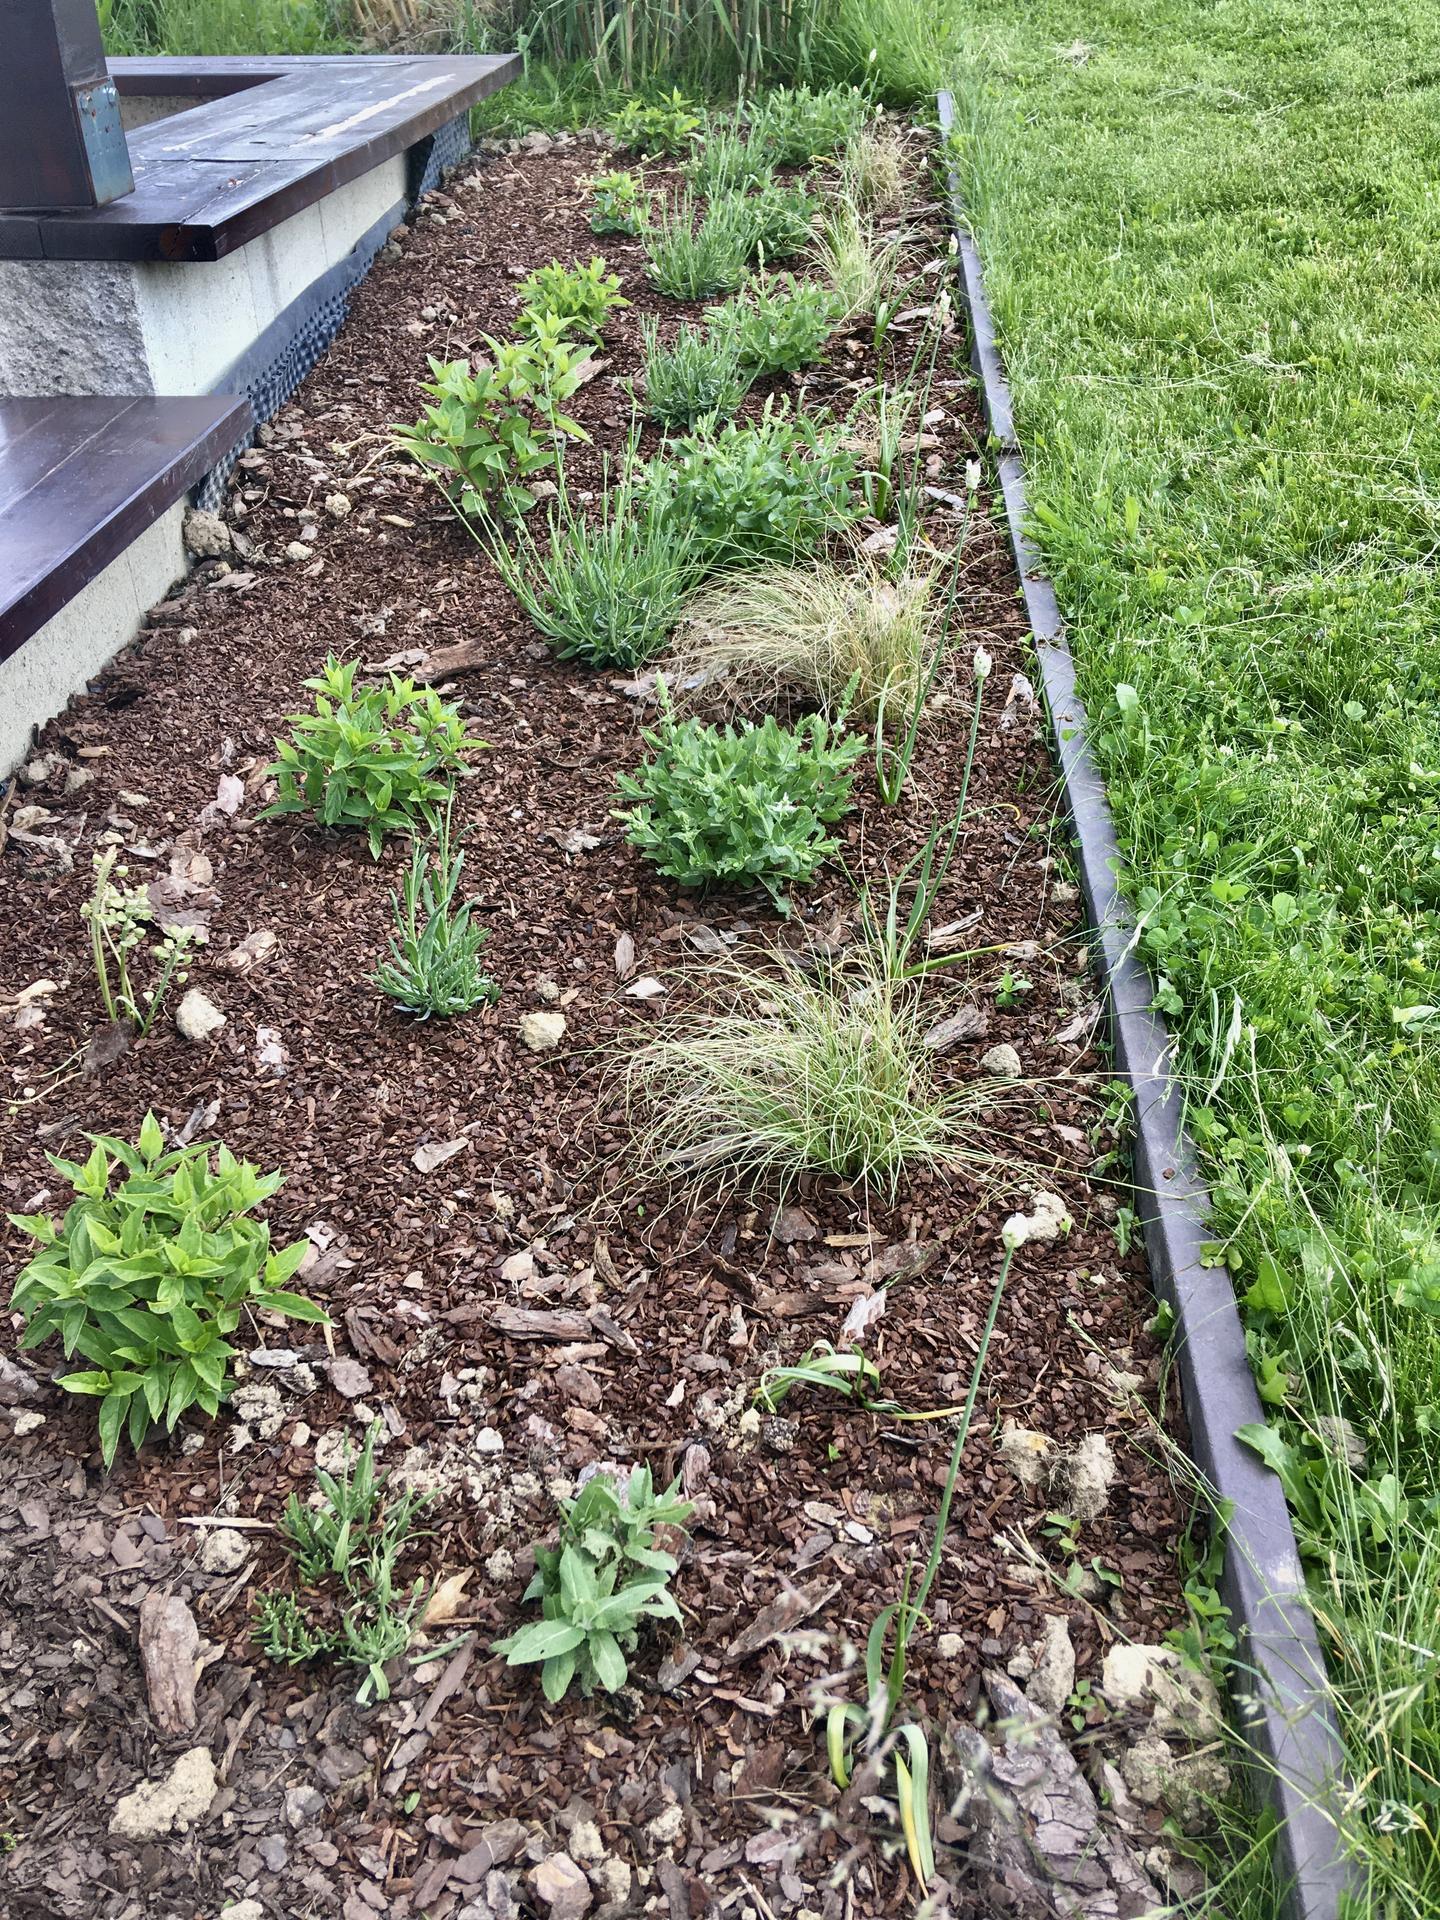 Za plotem - Letos nový záhon před opěrnou zdí terasy - ostřice, hortenzie, šalvěj, levandule a pár okrasných česneků.